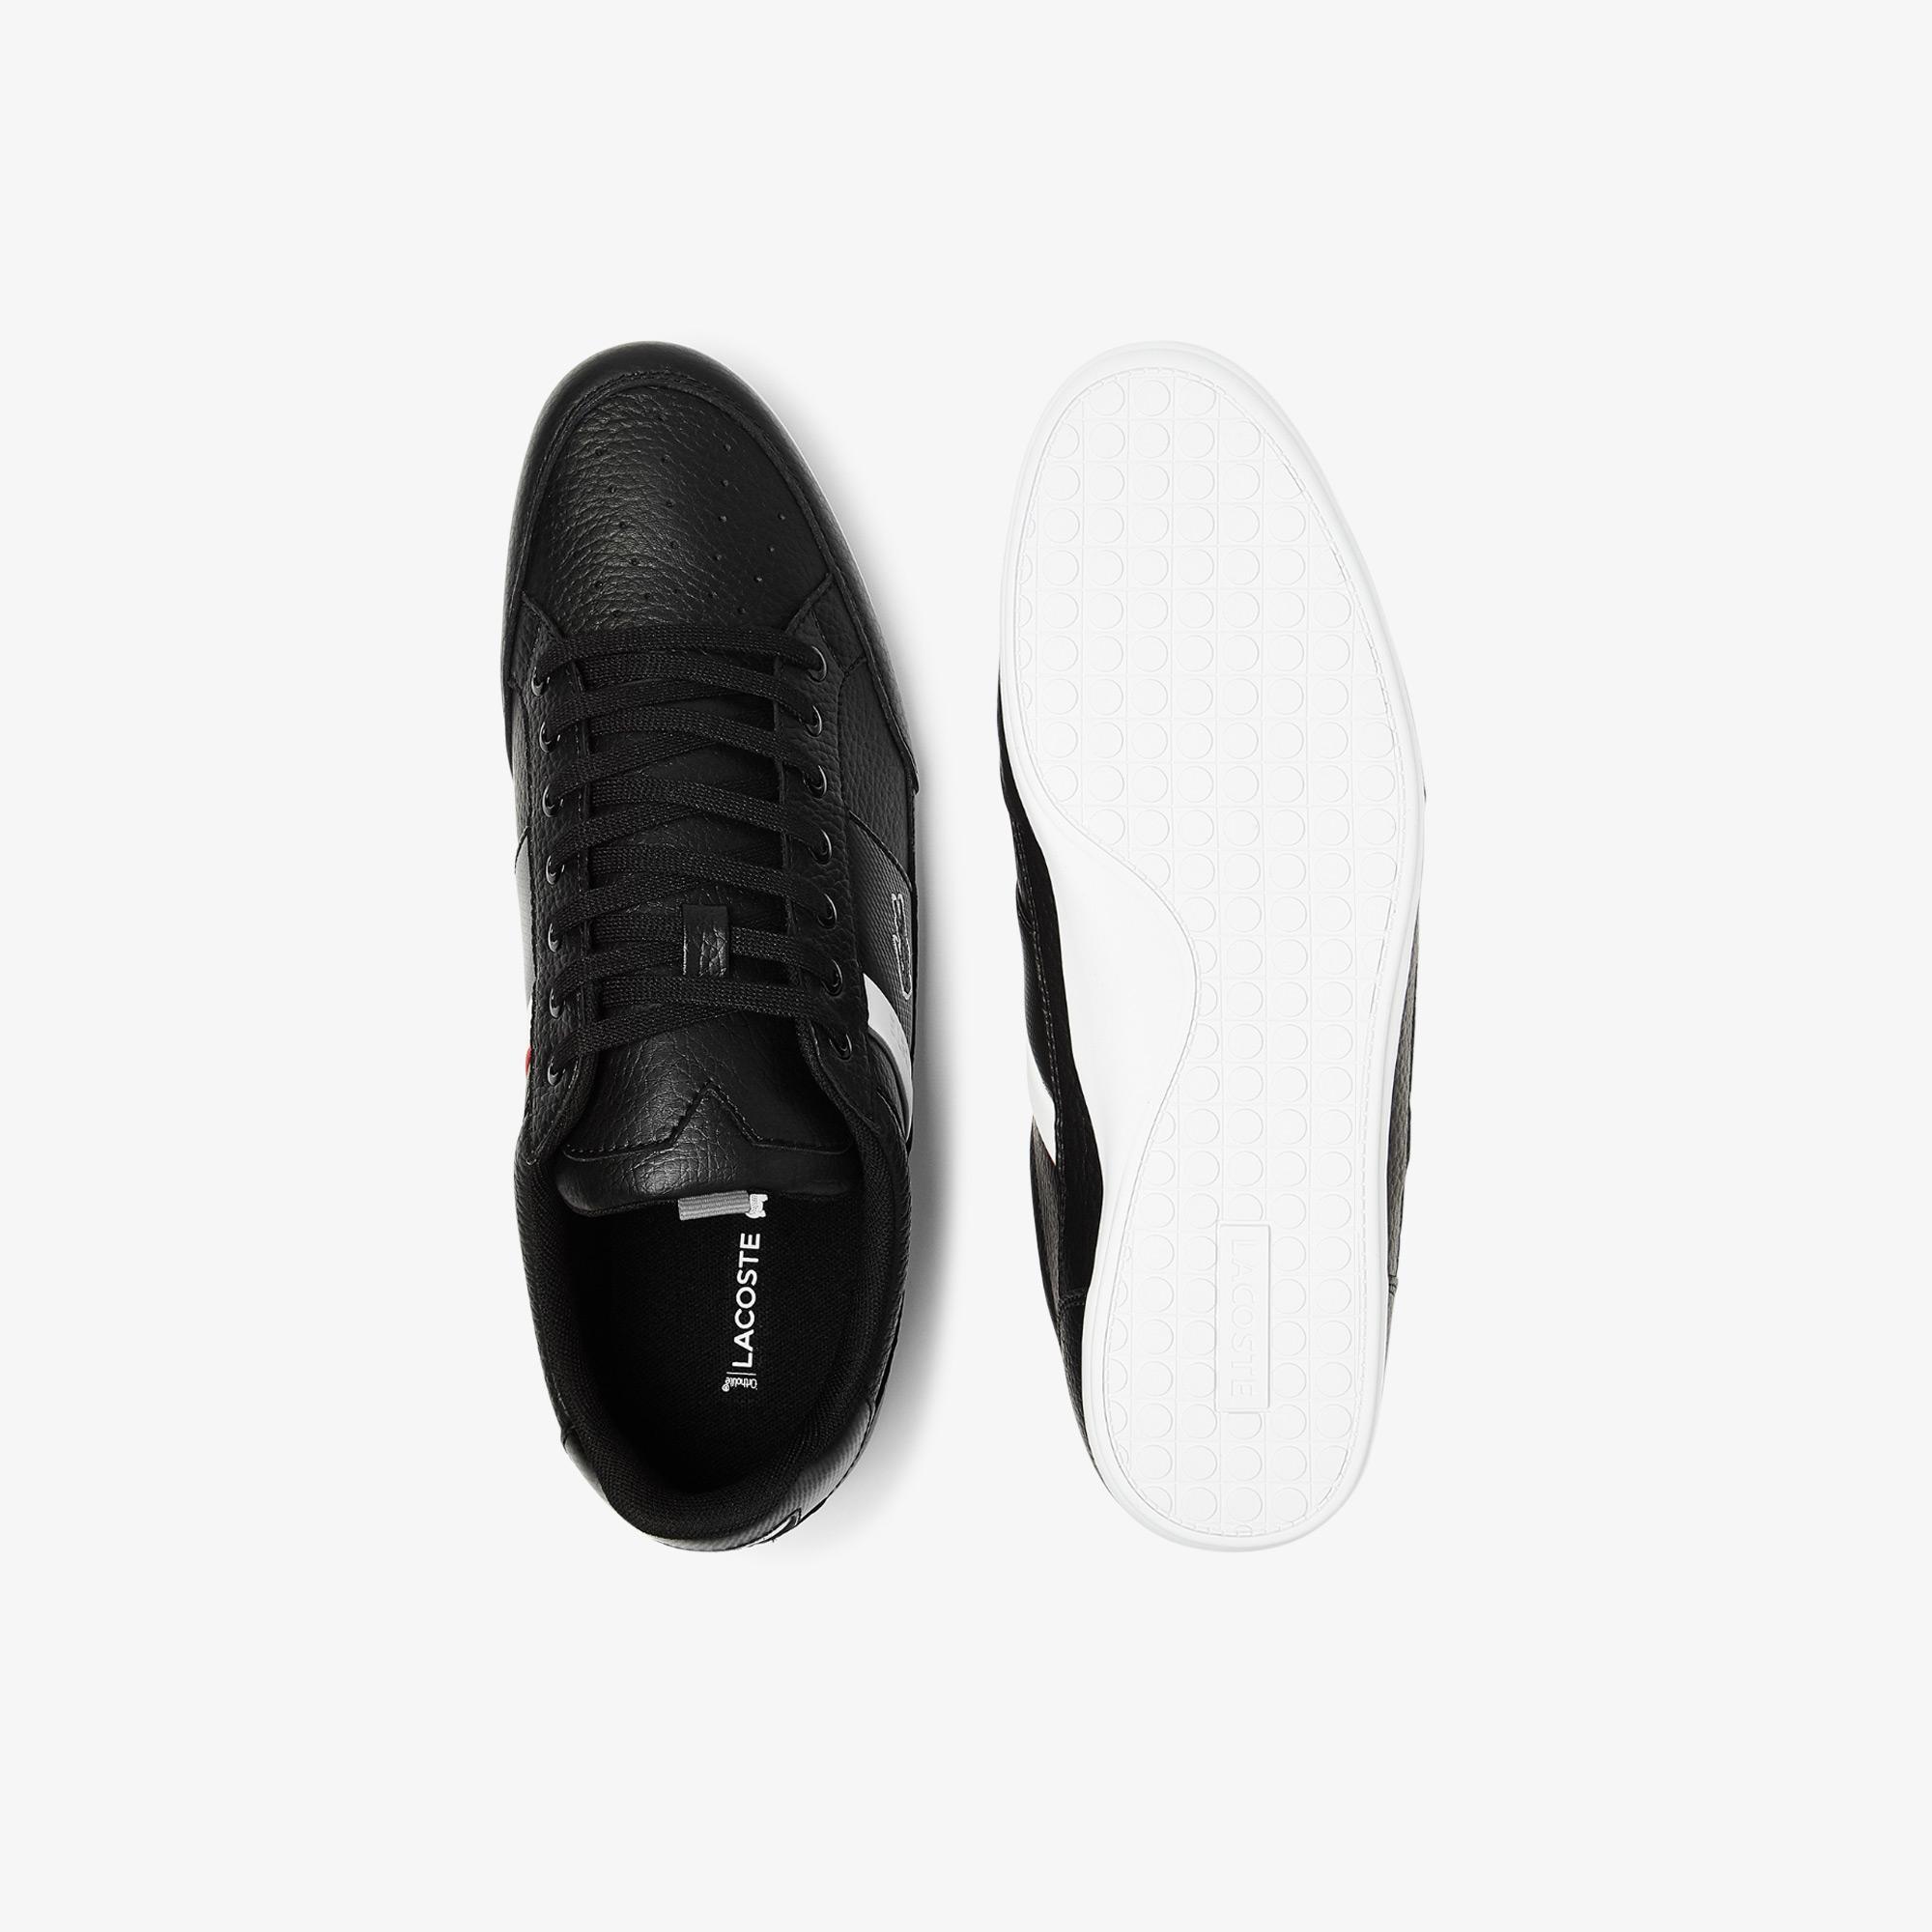 Lacoste Men's Chaymon 0721 1 Cma Shoes